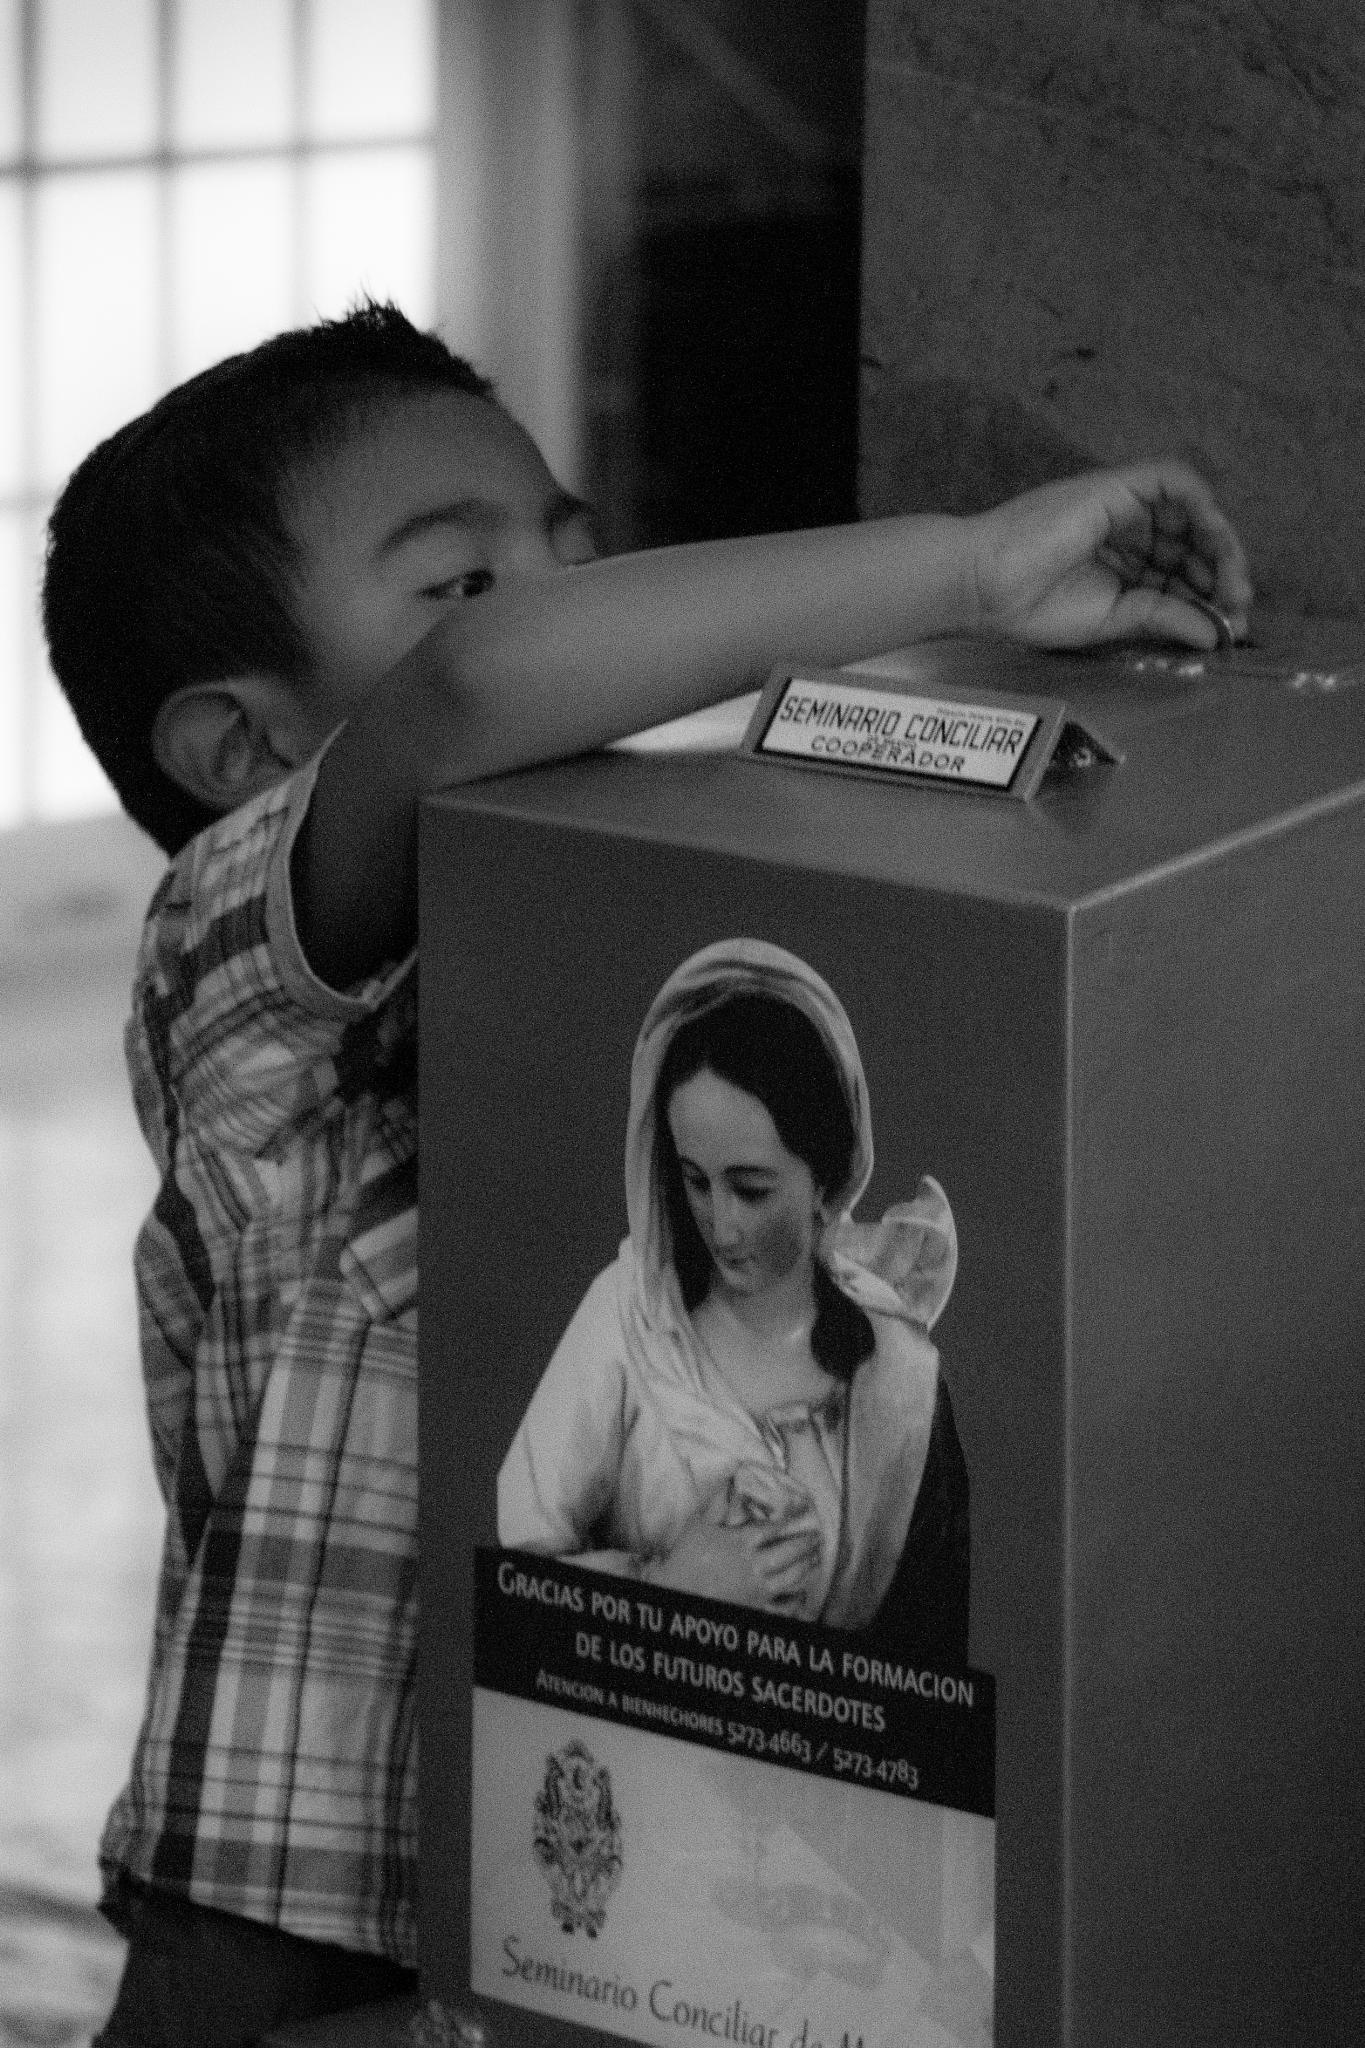 Apoyo infantil by rafael.ornelaseibanez